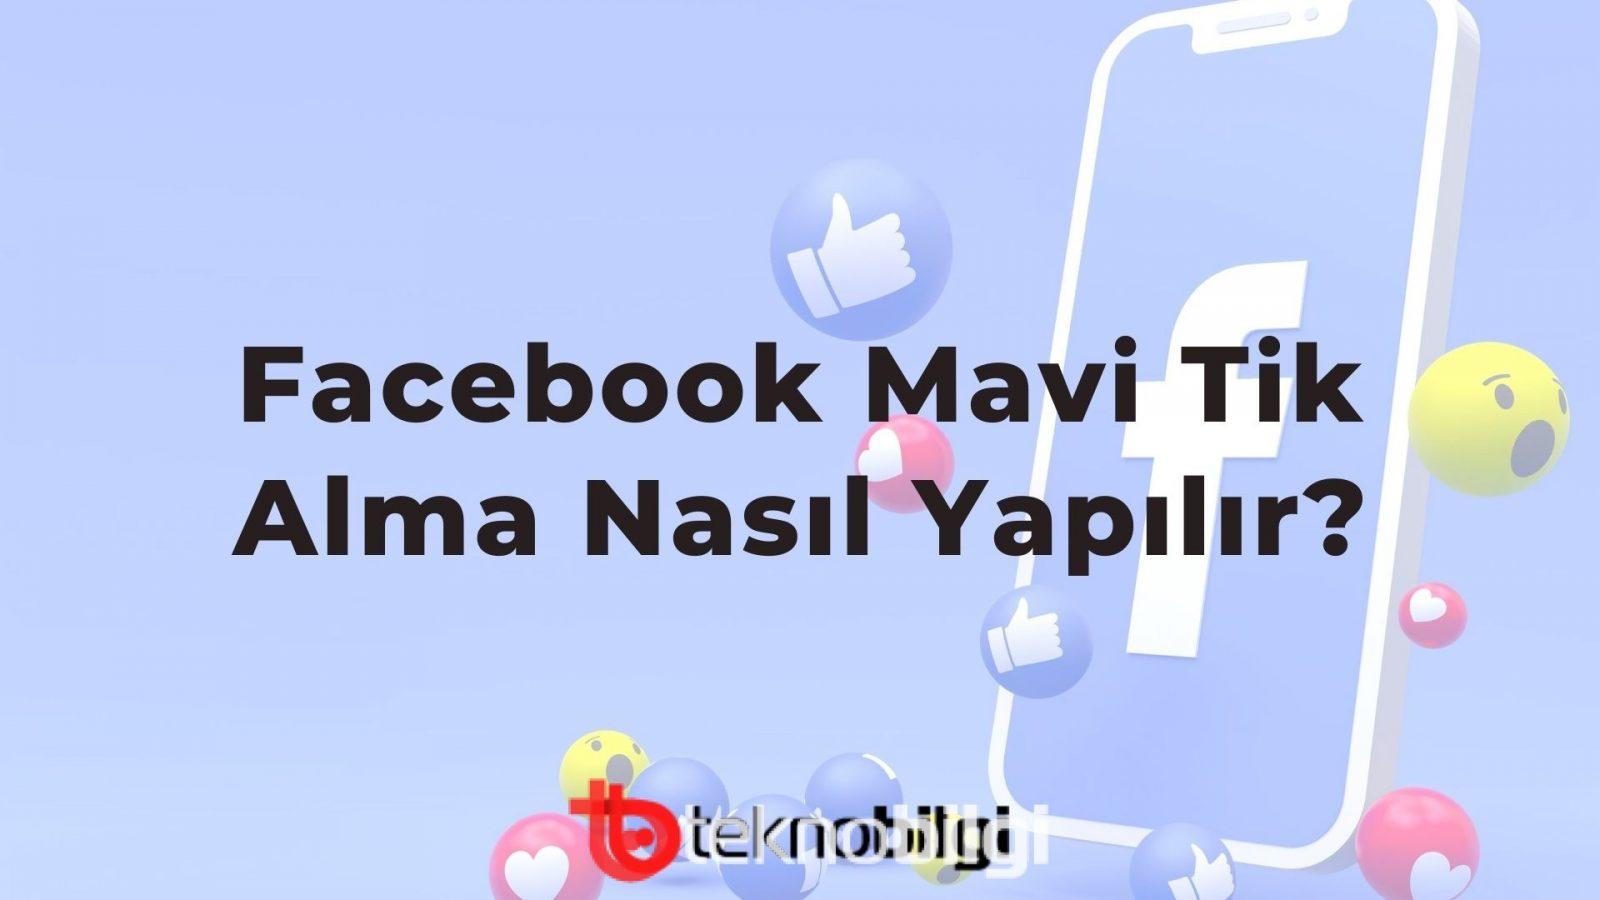 Facebook Mavi Tik Alma Nasıl Yapılır? 2021